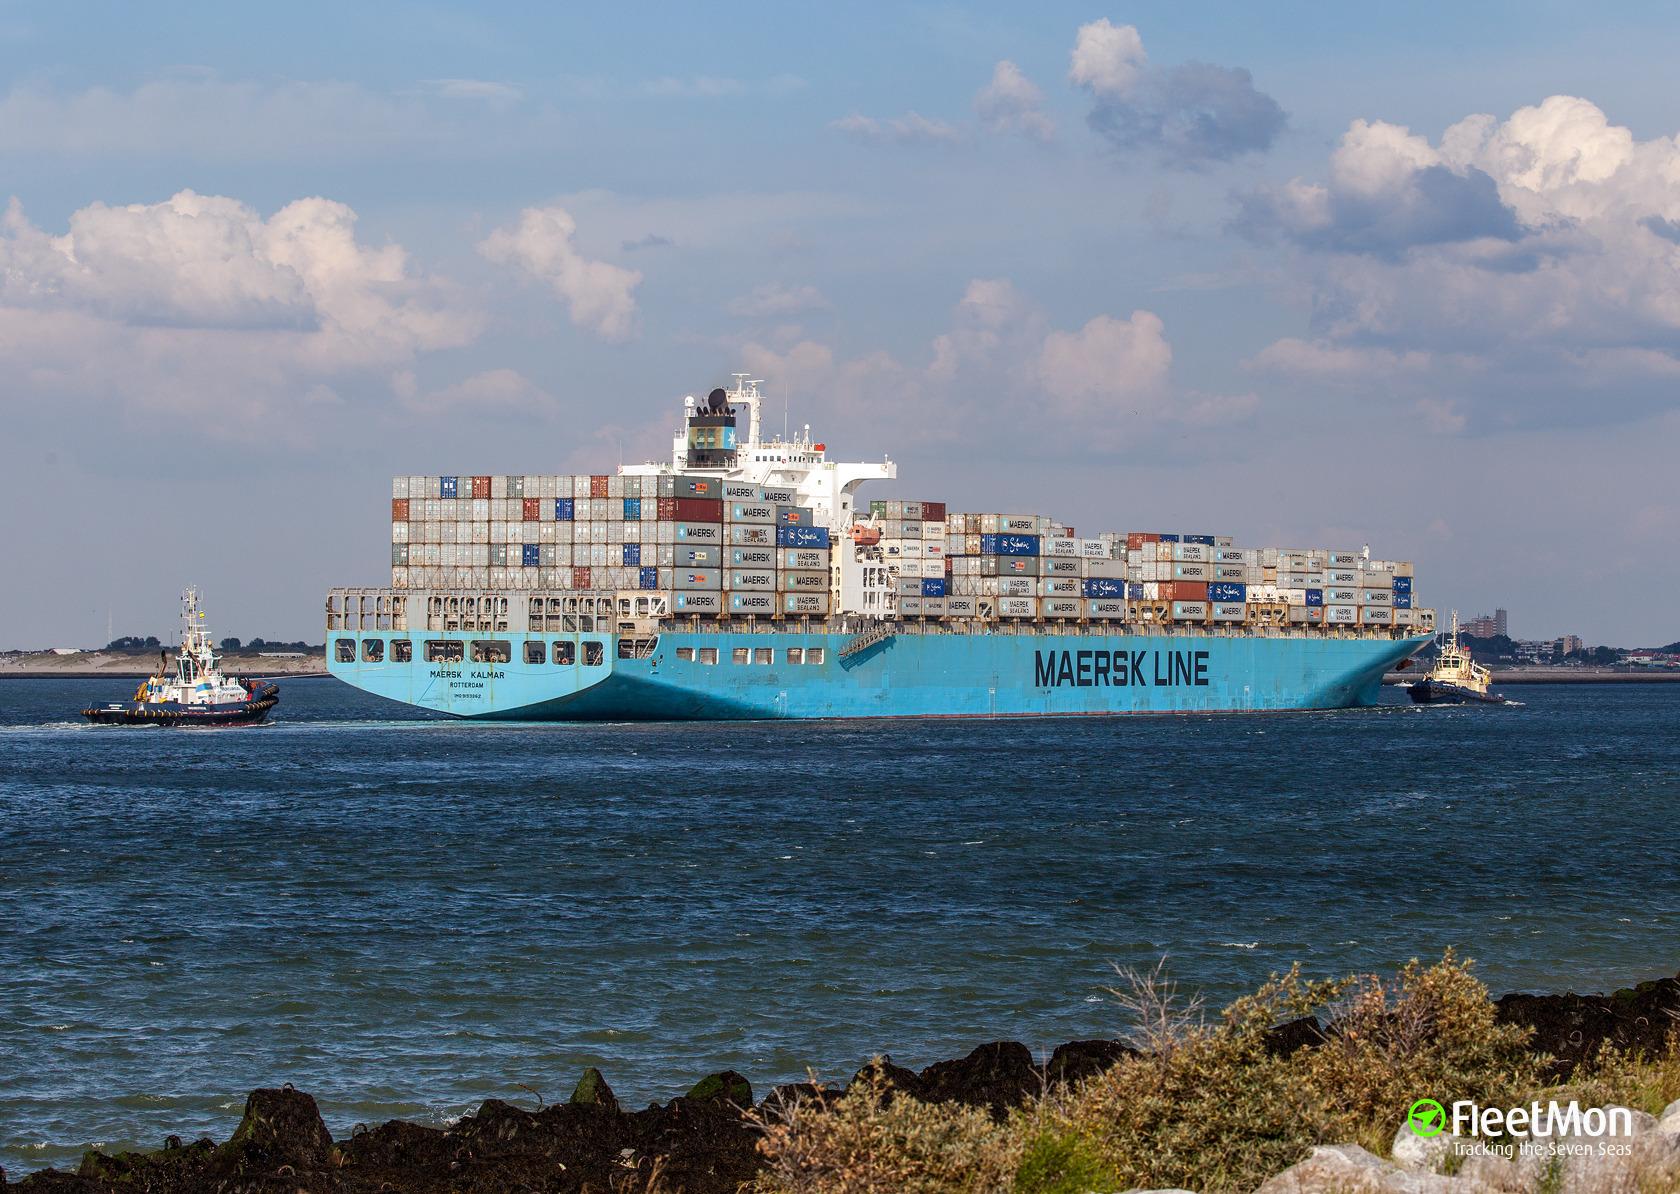 De Maersk Kalmar, een van de schepen die ooit werd overgenomen van P&O Nedlloyd. (Foto Maersk)